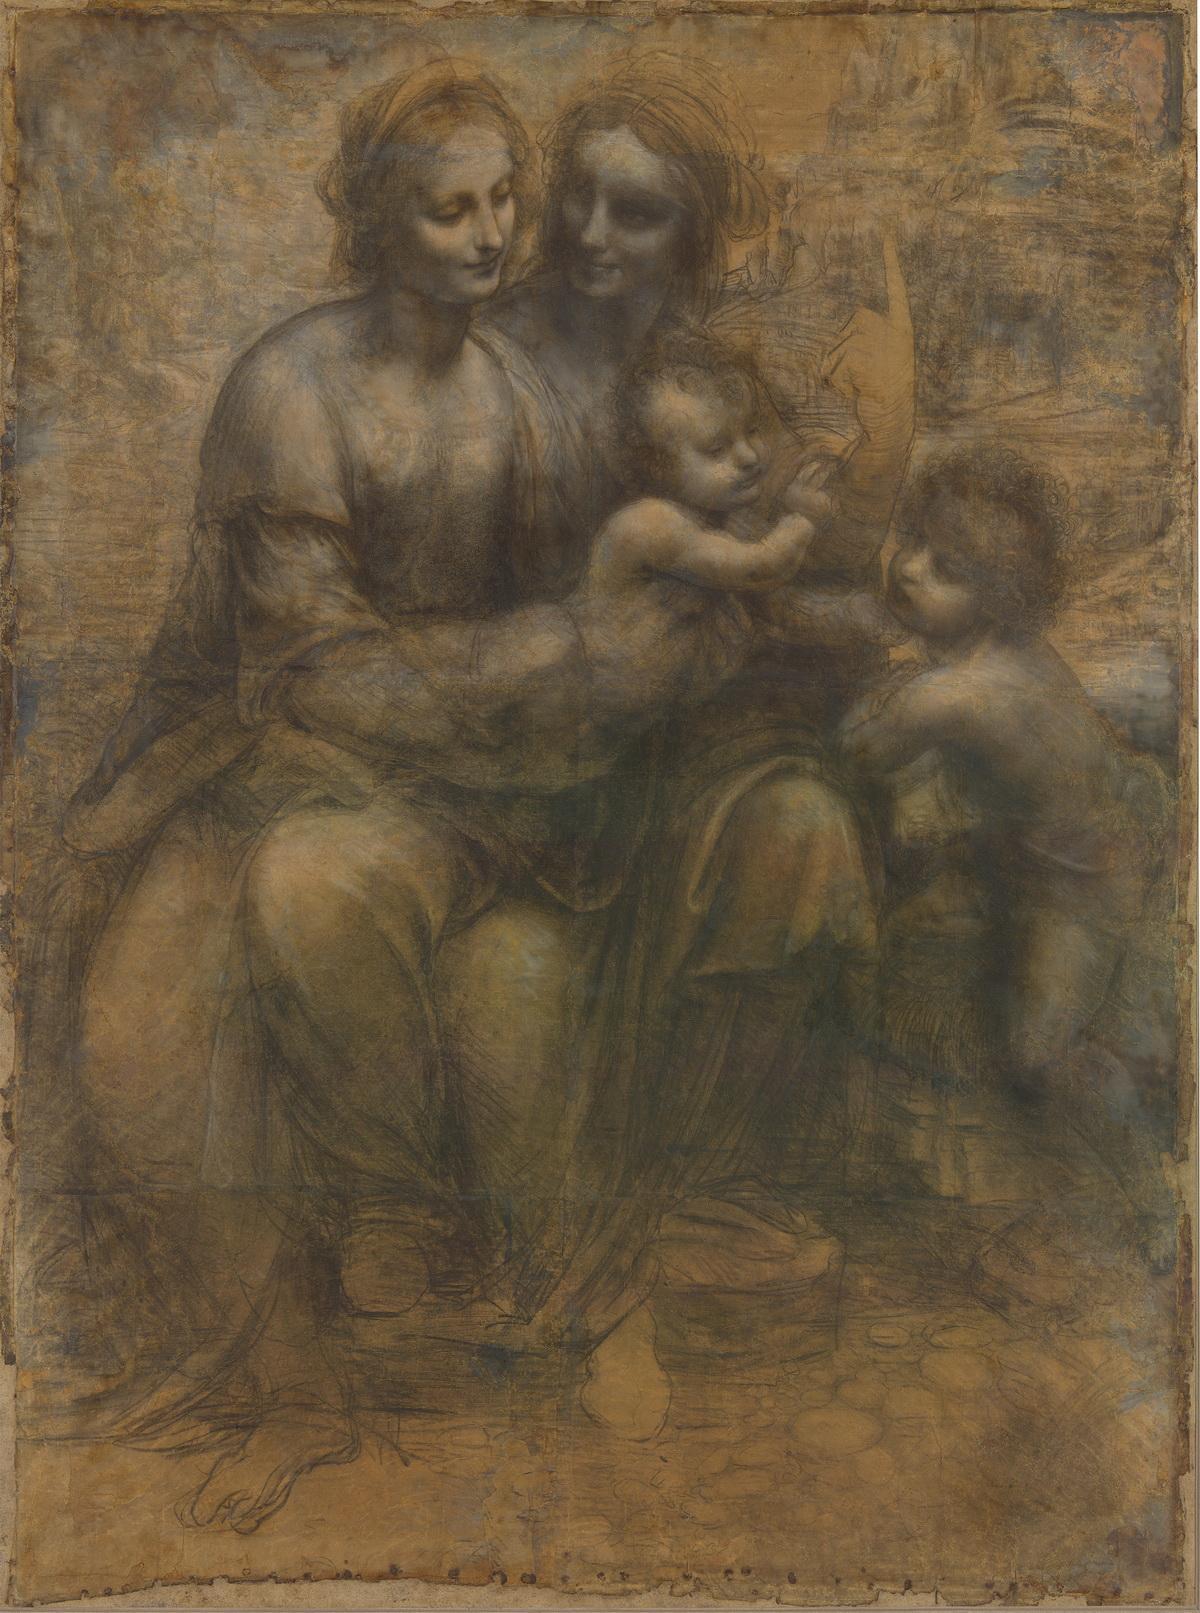 圣母子与圣安妮、施洗者圣约翰 达芬奇 英国国家美术馆藏